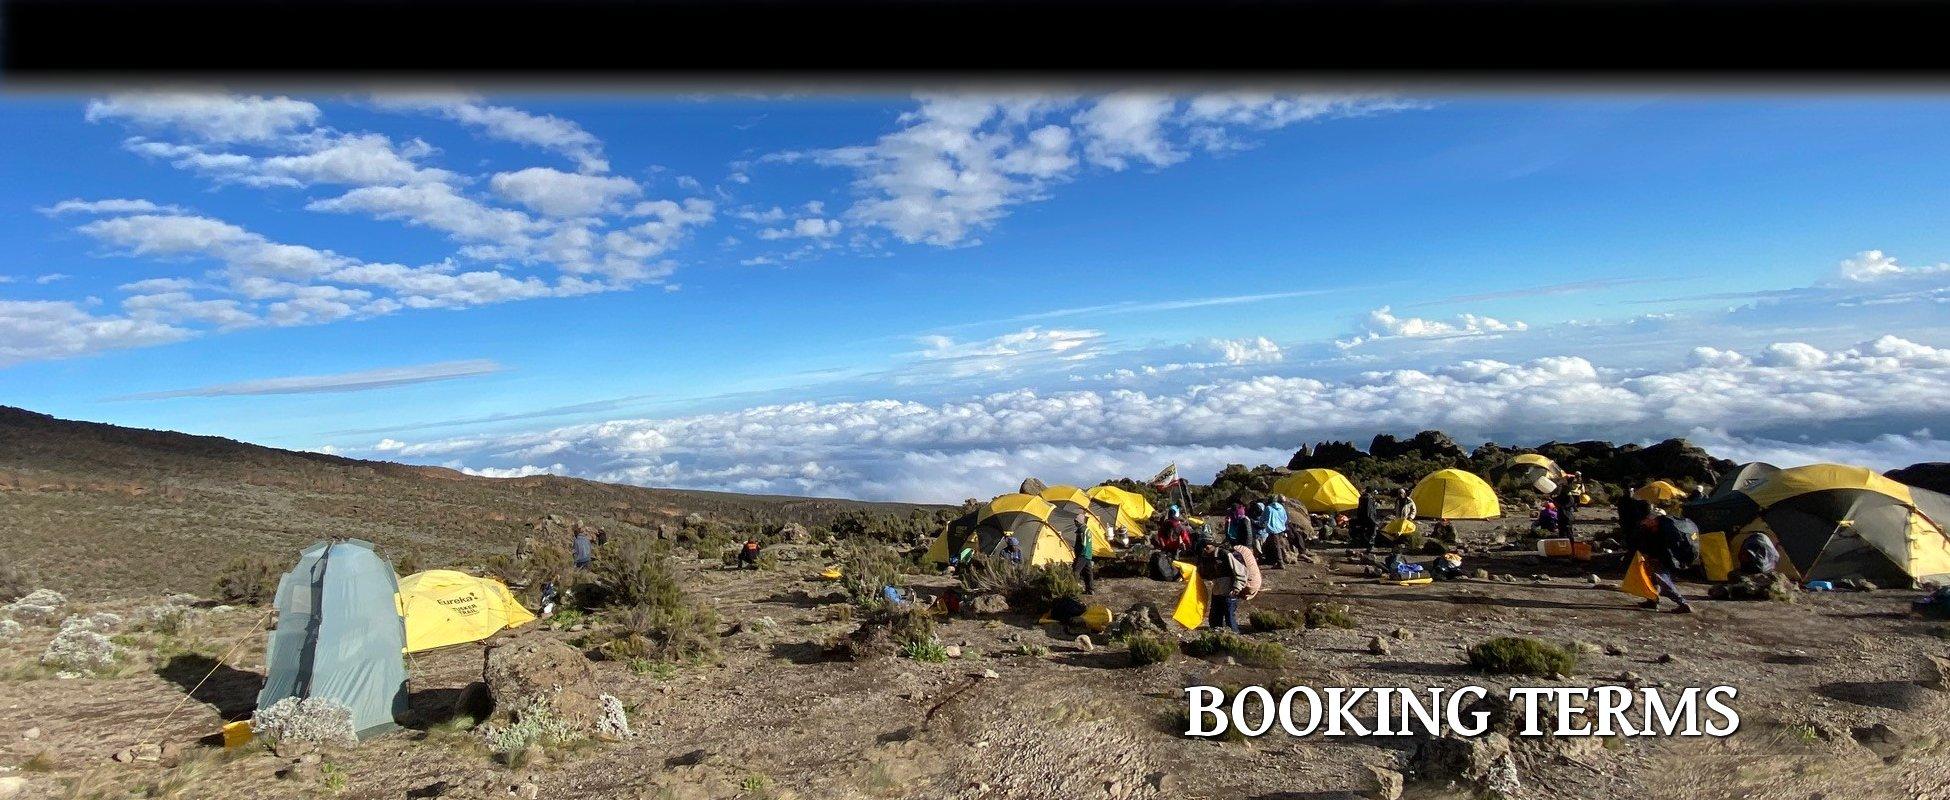 Kilimanjaro Booking Conditions